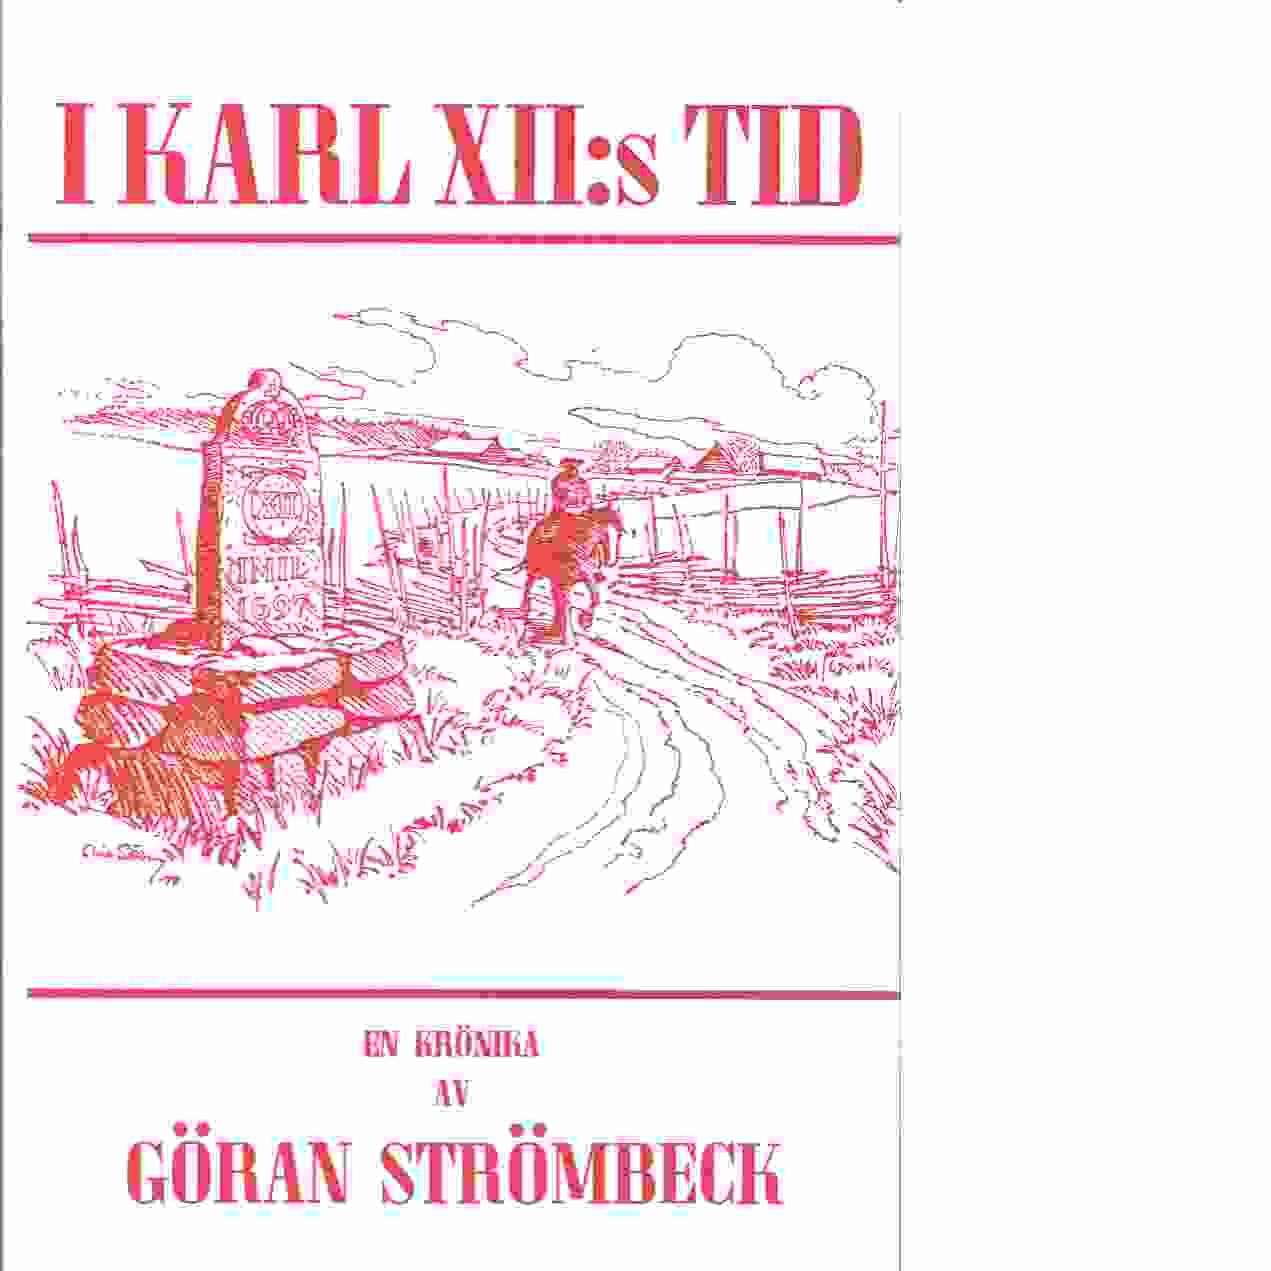 I Karl XII:s tid : en krönika om Upplandssocknarna Ed, Fresta, Hammarby. D. 2, Åren 1700-1702 - Strömbeck, Göran